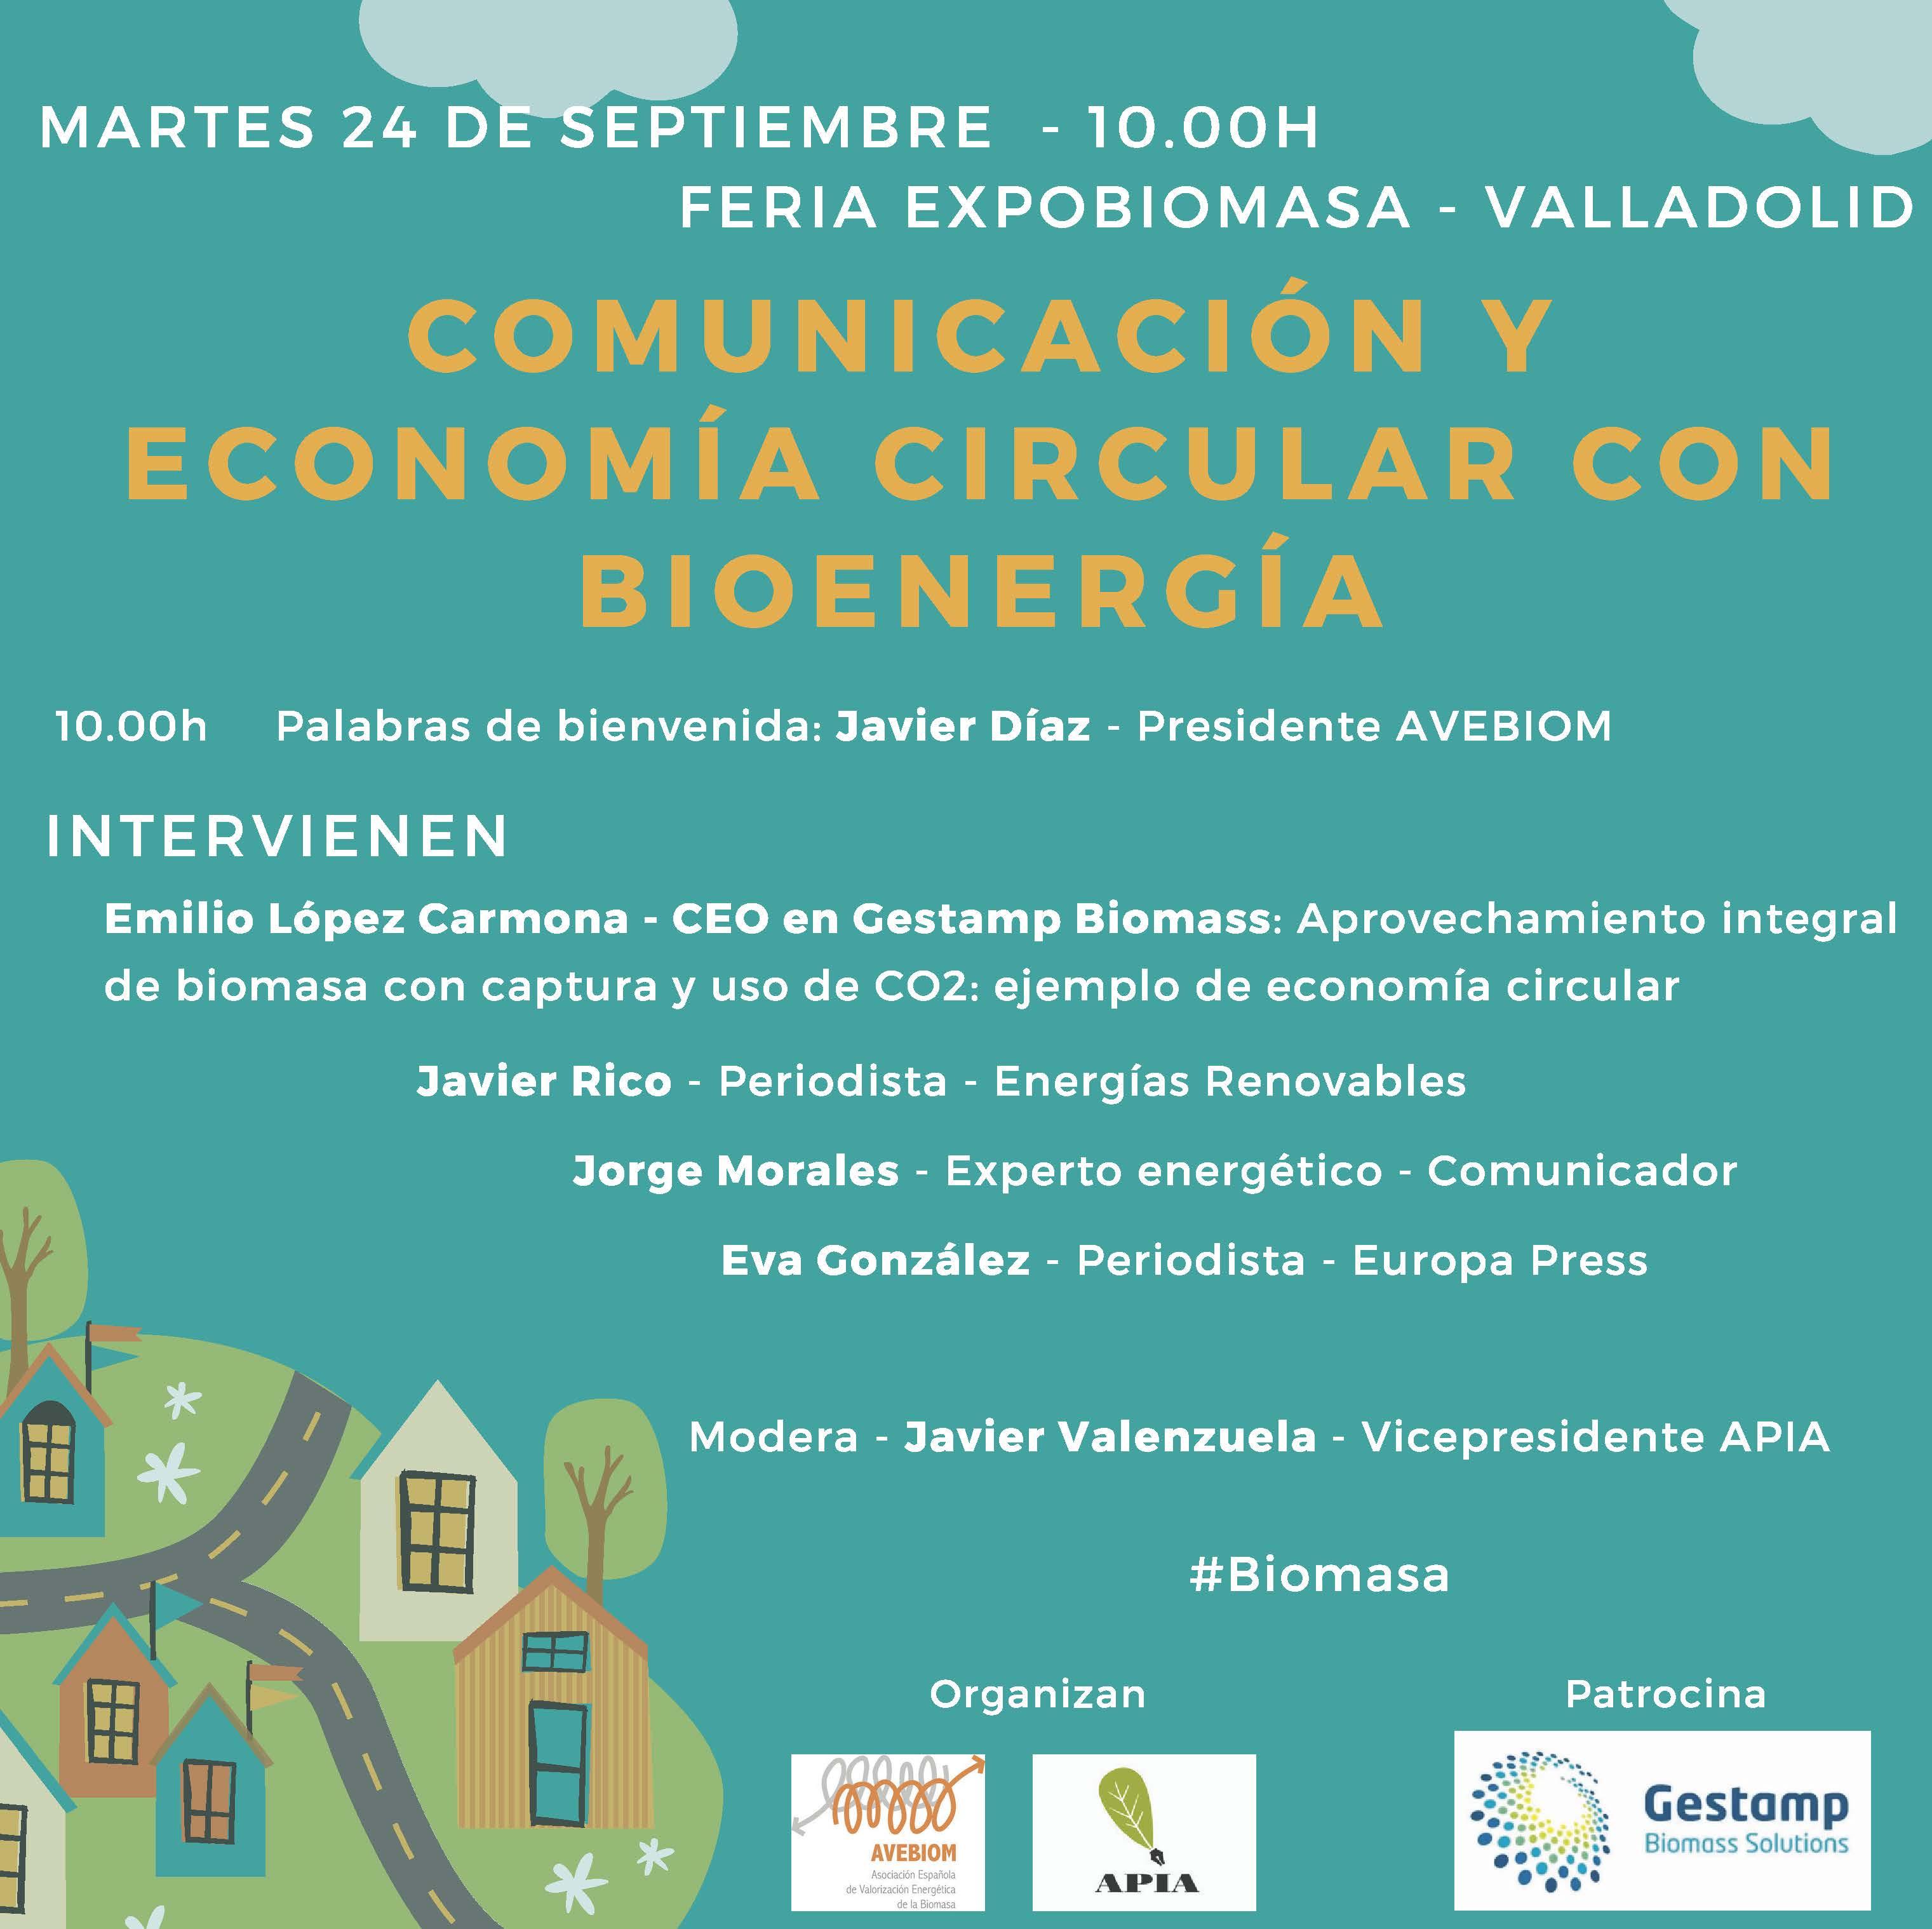 Comunicación y Economía Circular con Bioenergía (Feria Expobiomasa –  Valladolid – 24 septiembre, 10h)